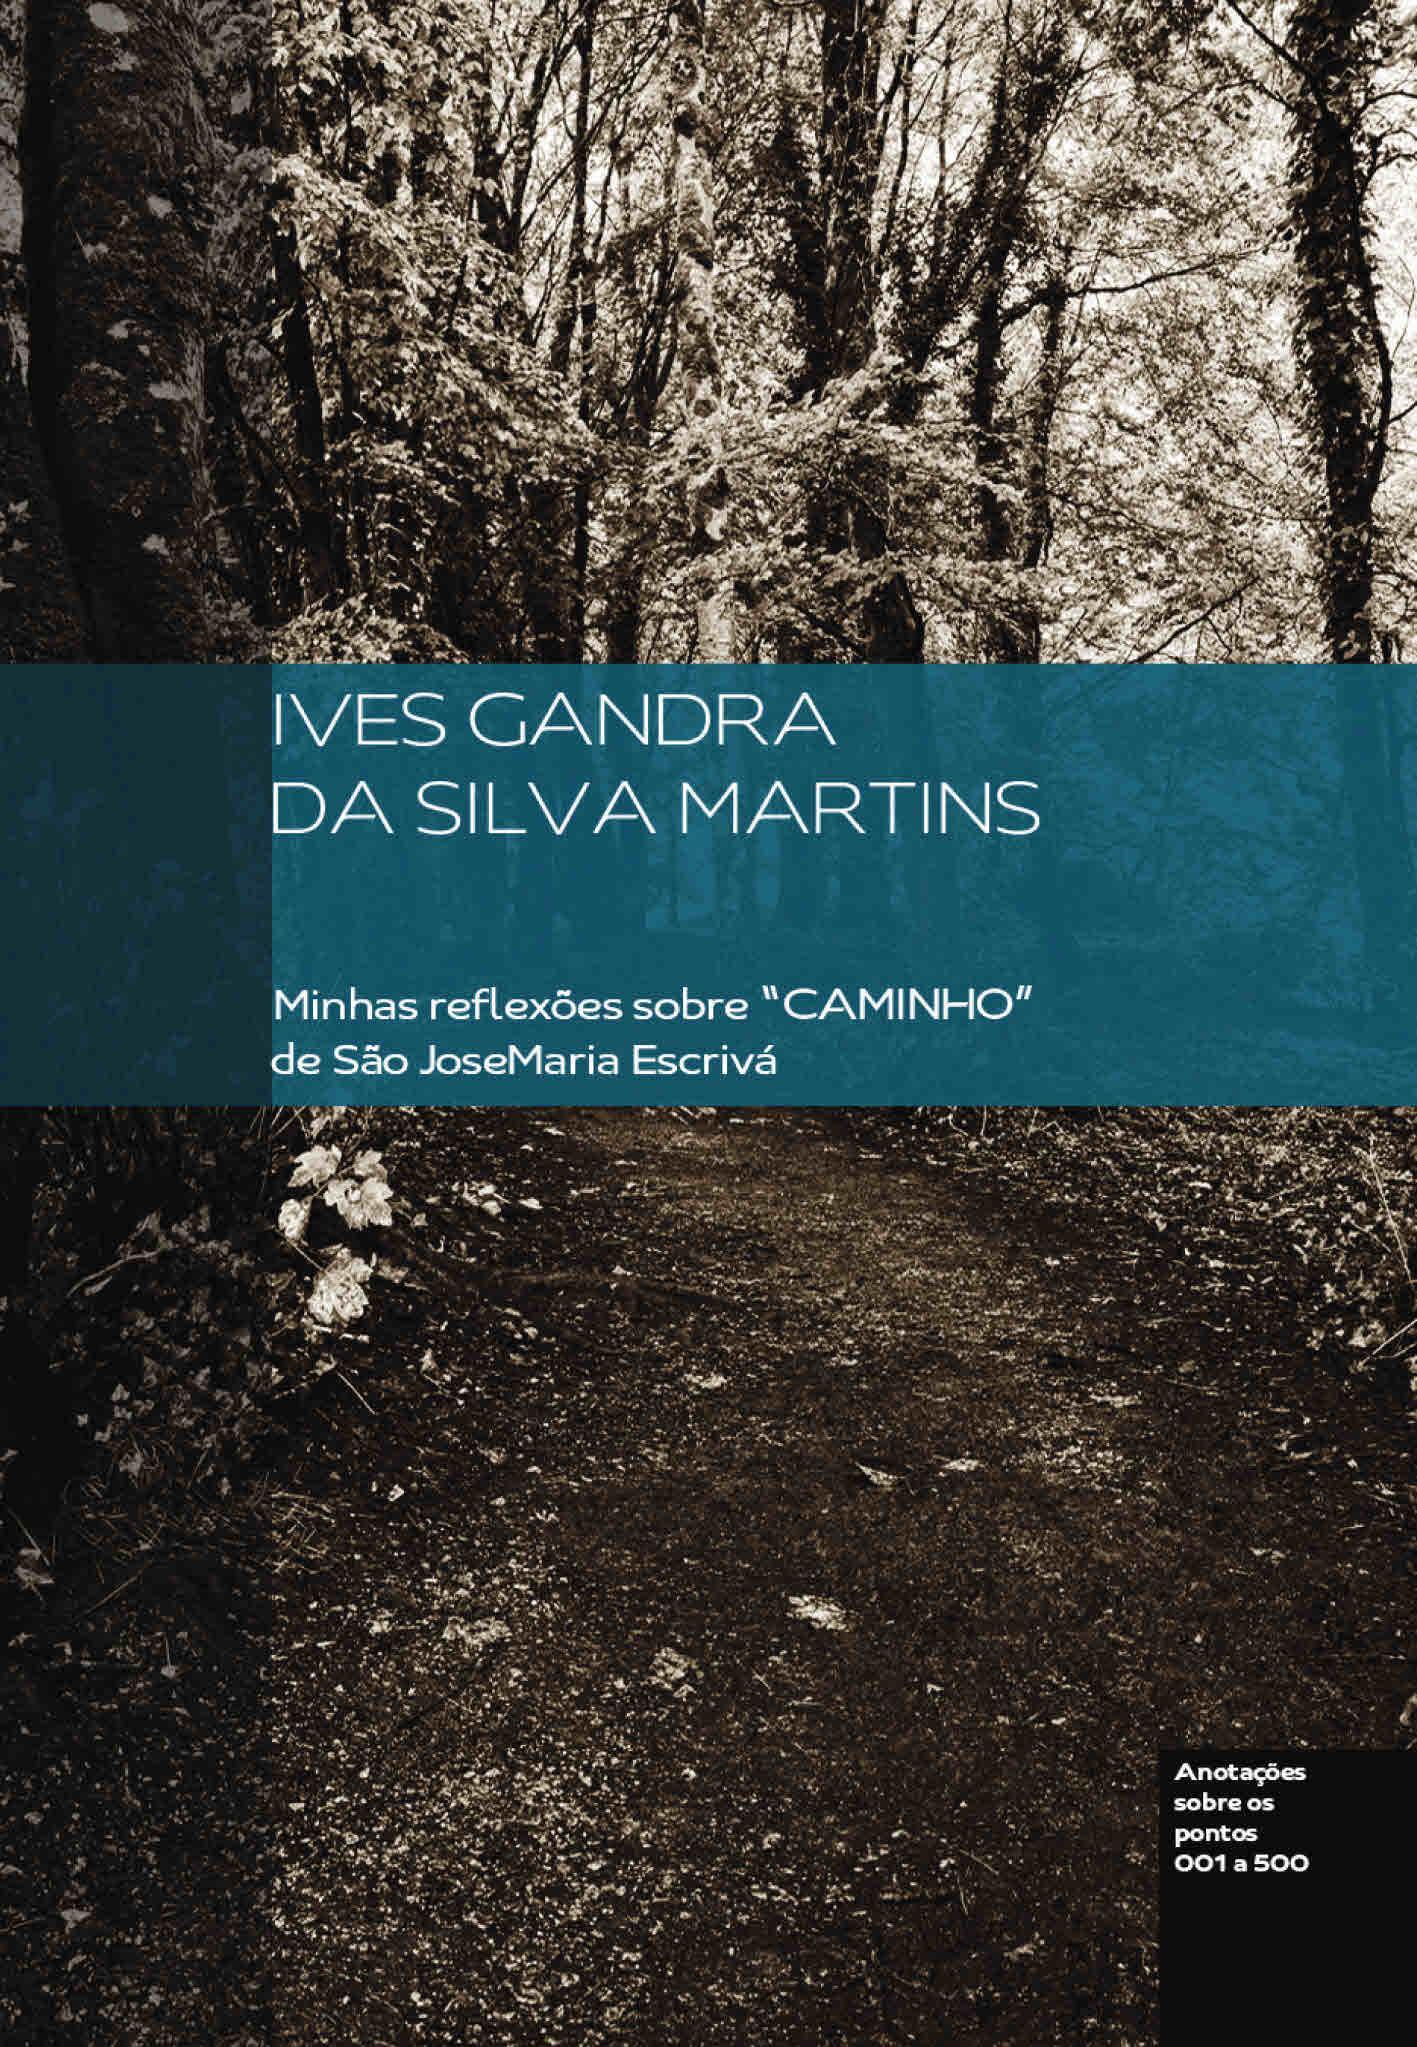 Minhas reflexões sobre o Caminho de São Josemaria Escrivá: pontos 1 a 800